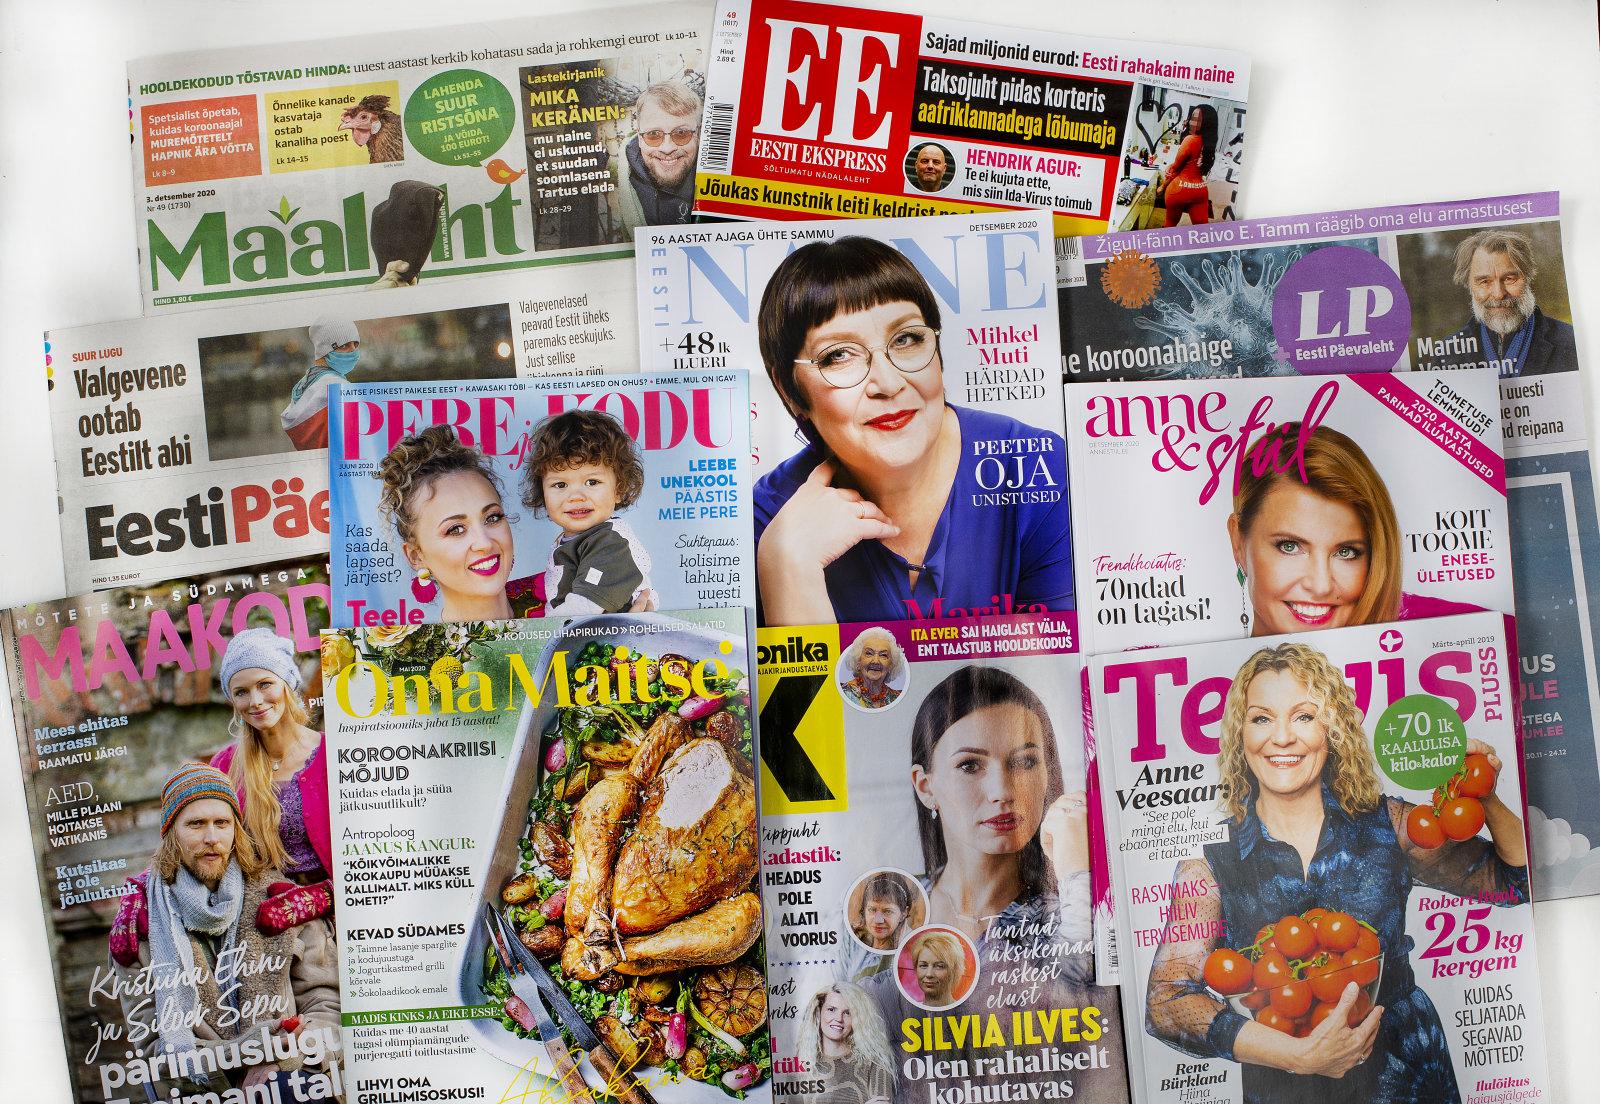 Ekspress Meedia alustab oma ökoloogilise jalajälje mõõtmist: